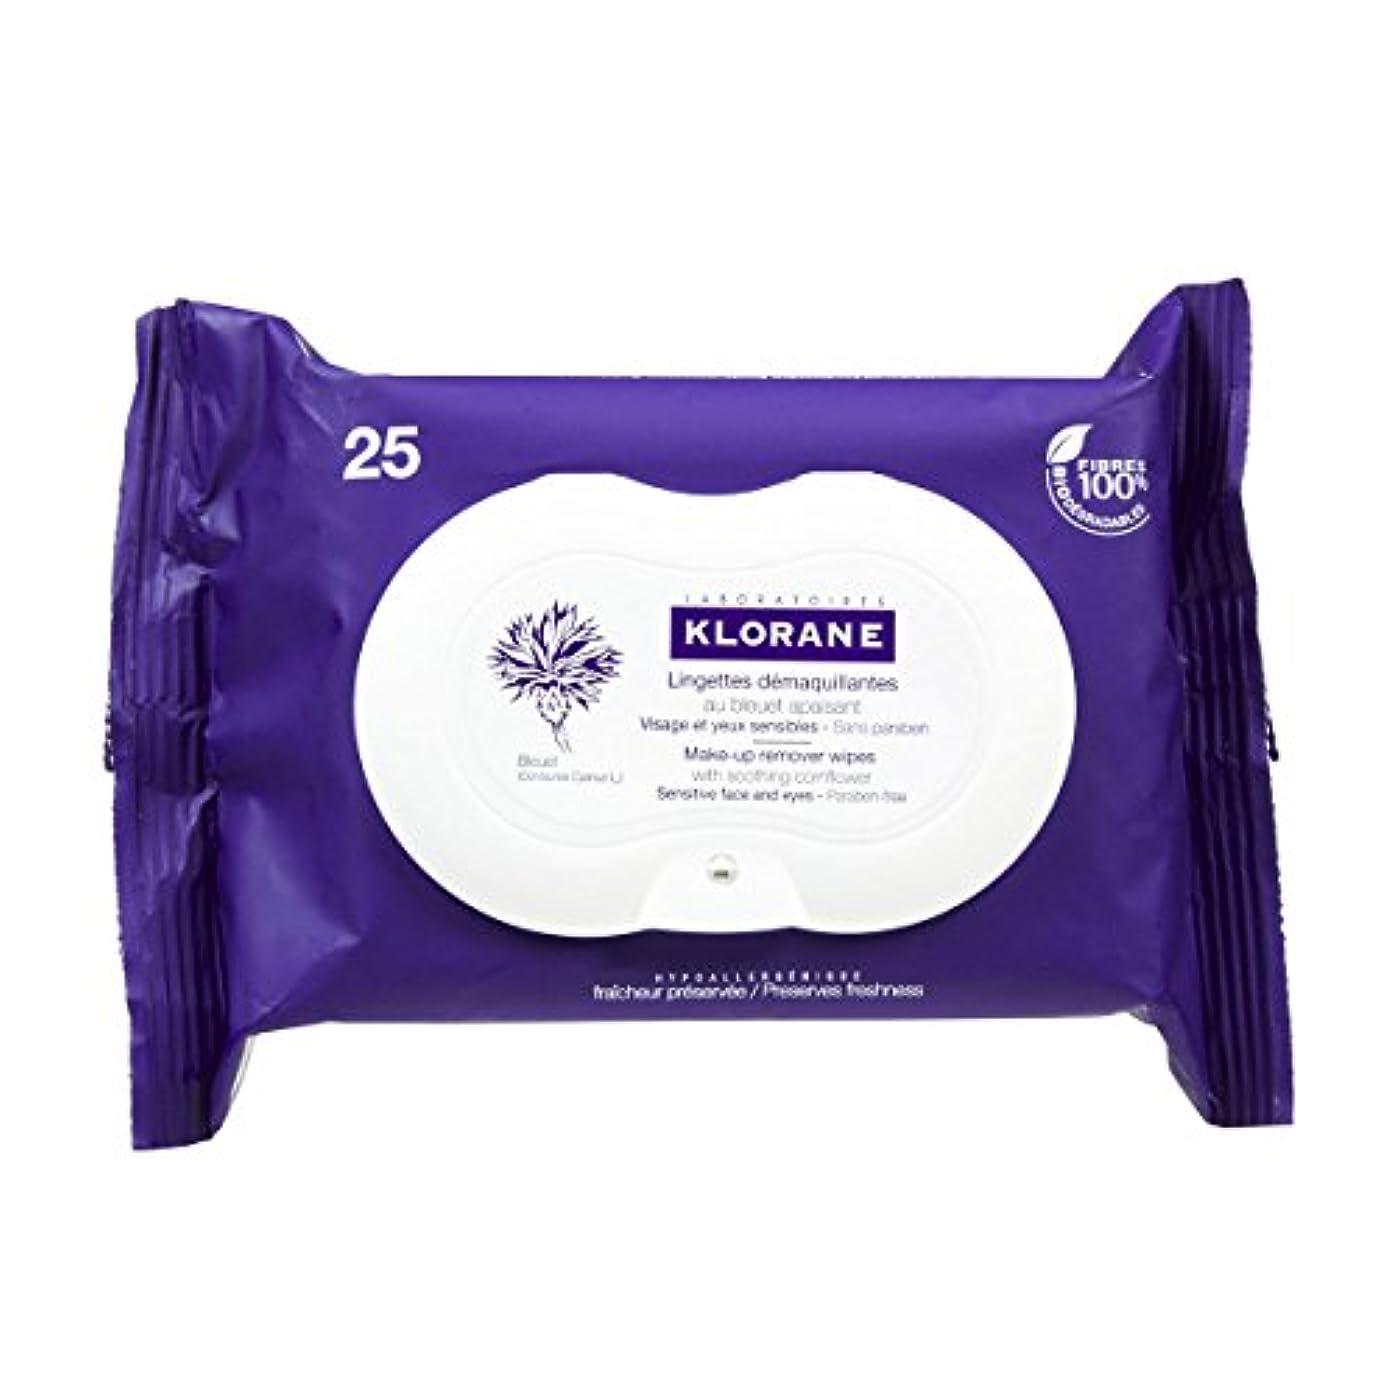 チーター評価する告白するKlorane Floral Wipes Cleansers Eyes 25 Wipes [並行輸入品]